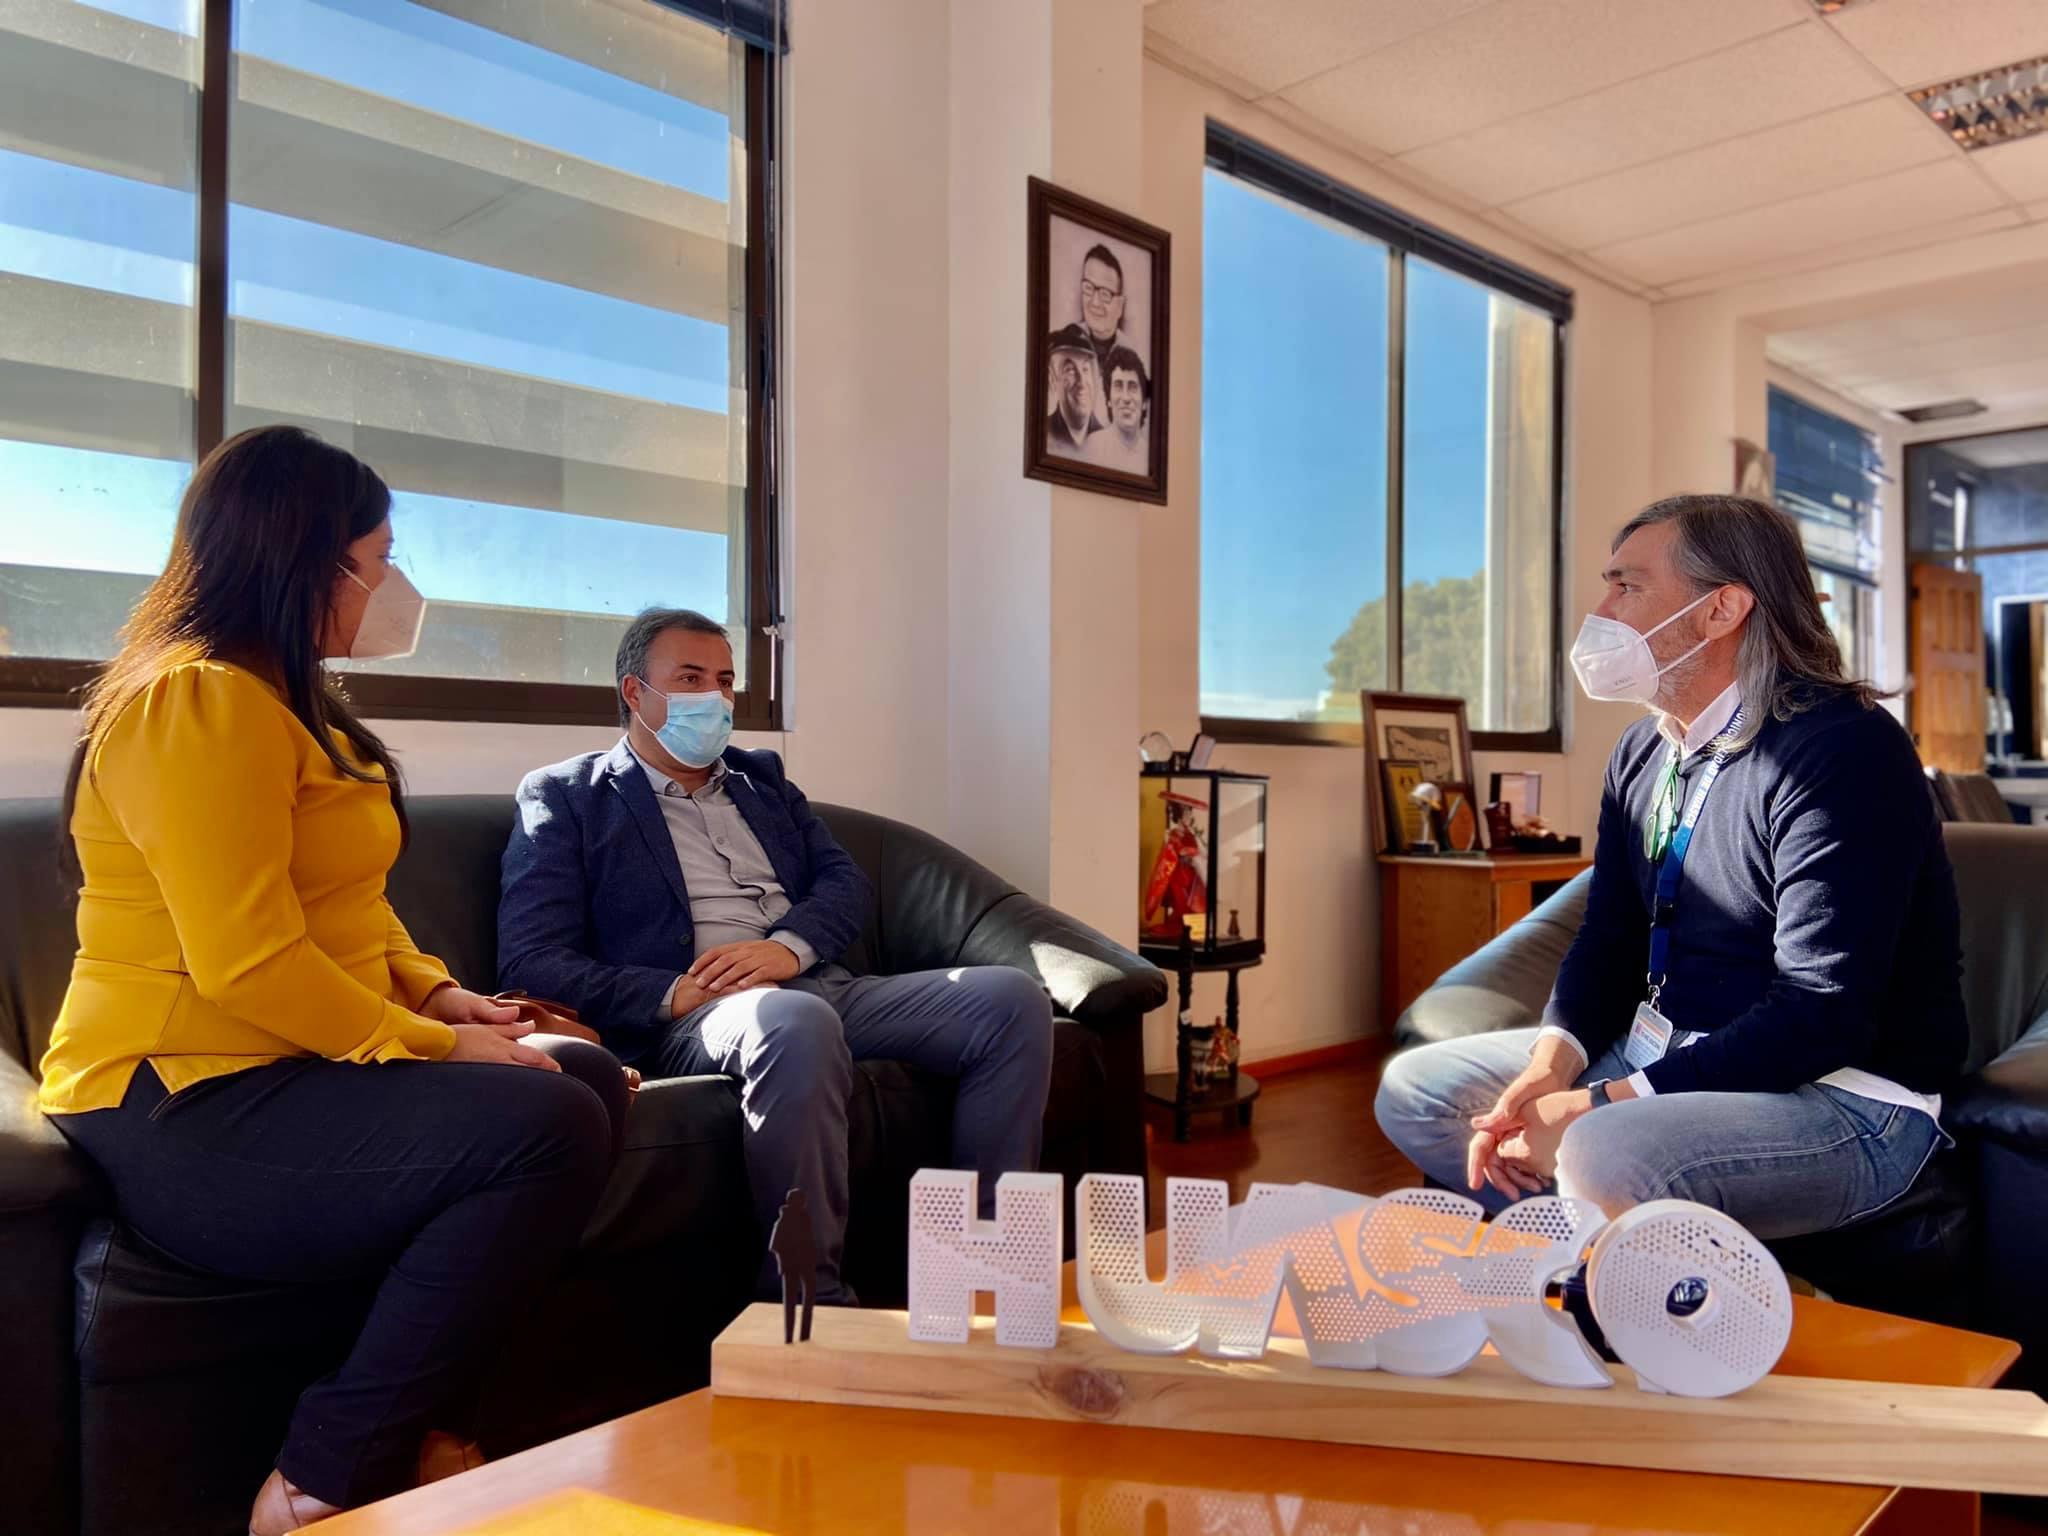 El alcalde Rodrigo Loyola se reunió con el alcalde electo, Genaro Briceño y su equipo de trabajo para coordinar el traspaso de la administración municipal.